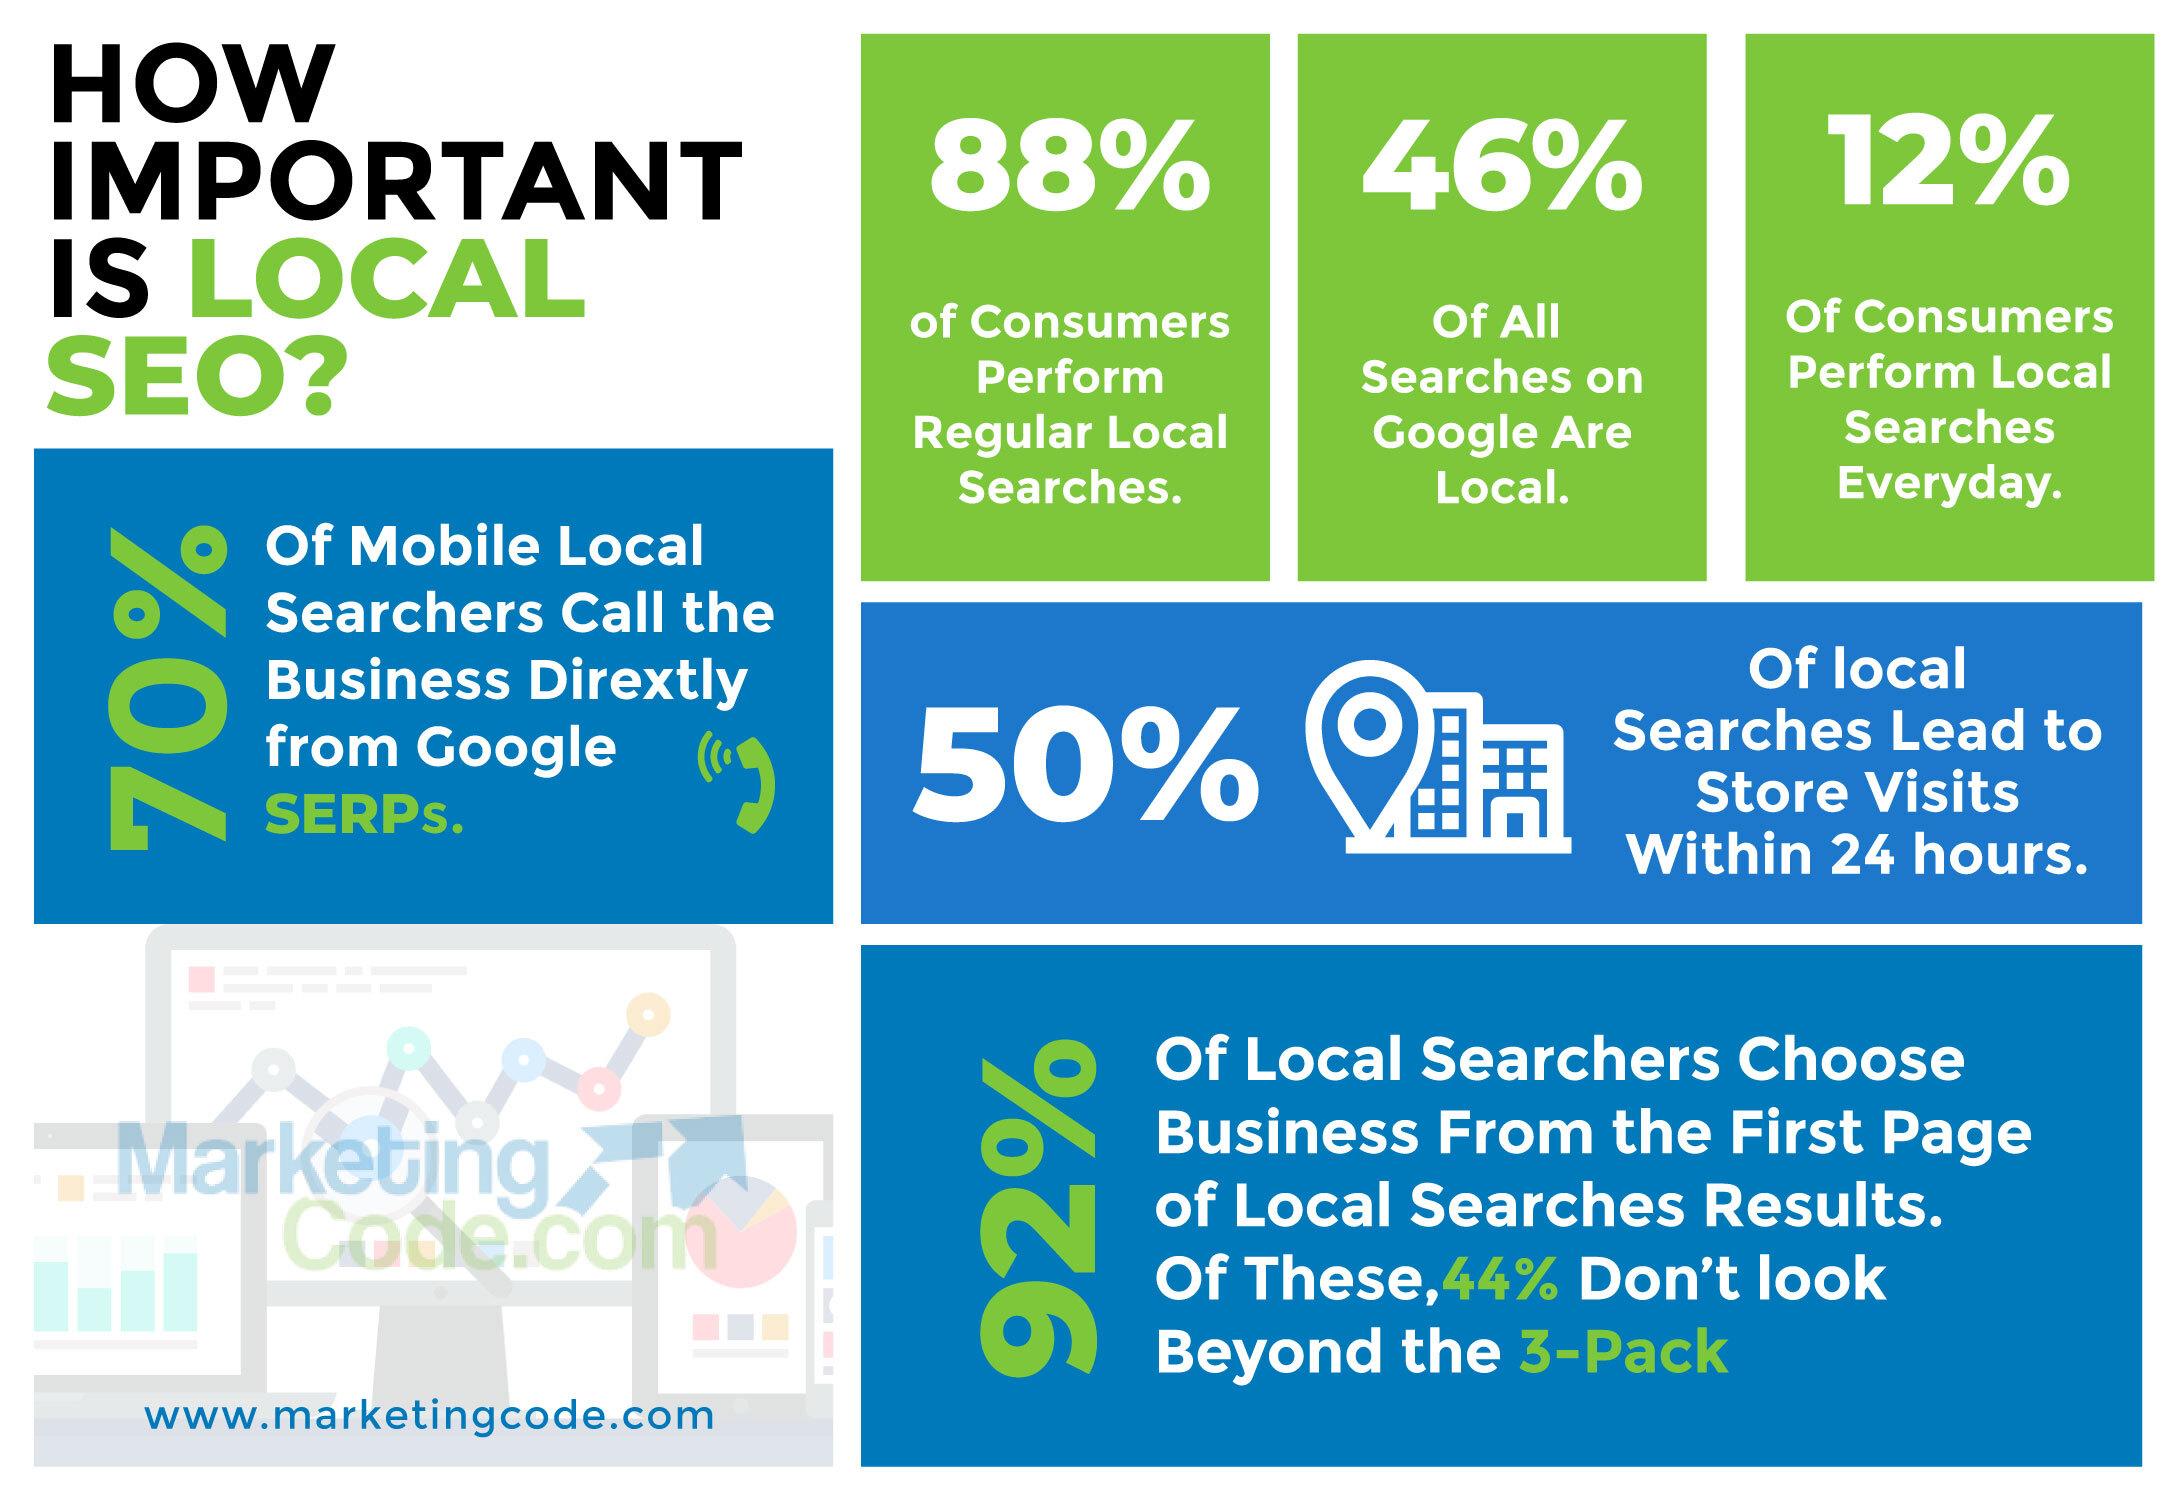 Local SEO in Digital Marketing